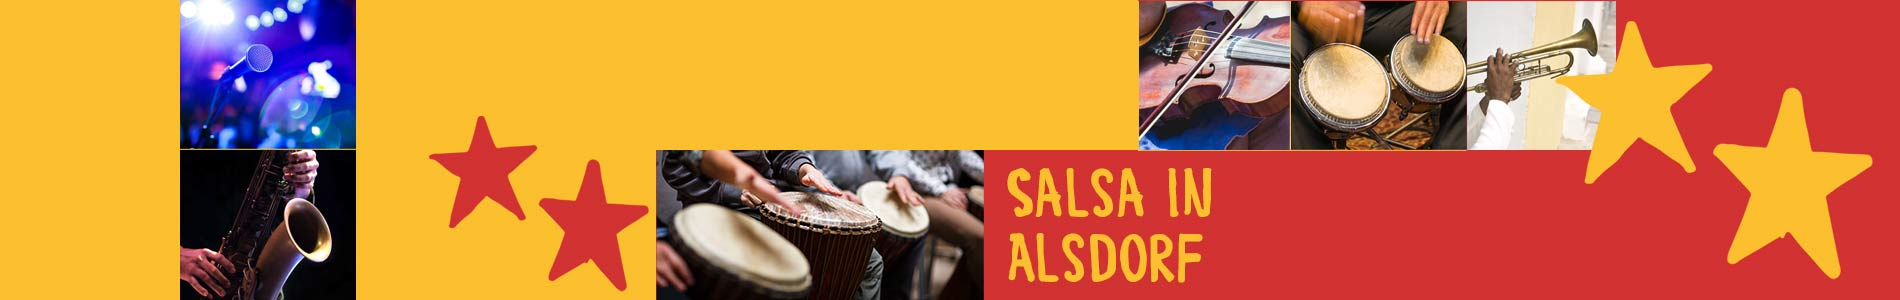 Salsa in Alsdorf – Salsa lernen und tanzen, Tanzkurse, Partys, Veranstaltungen